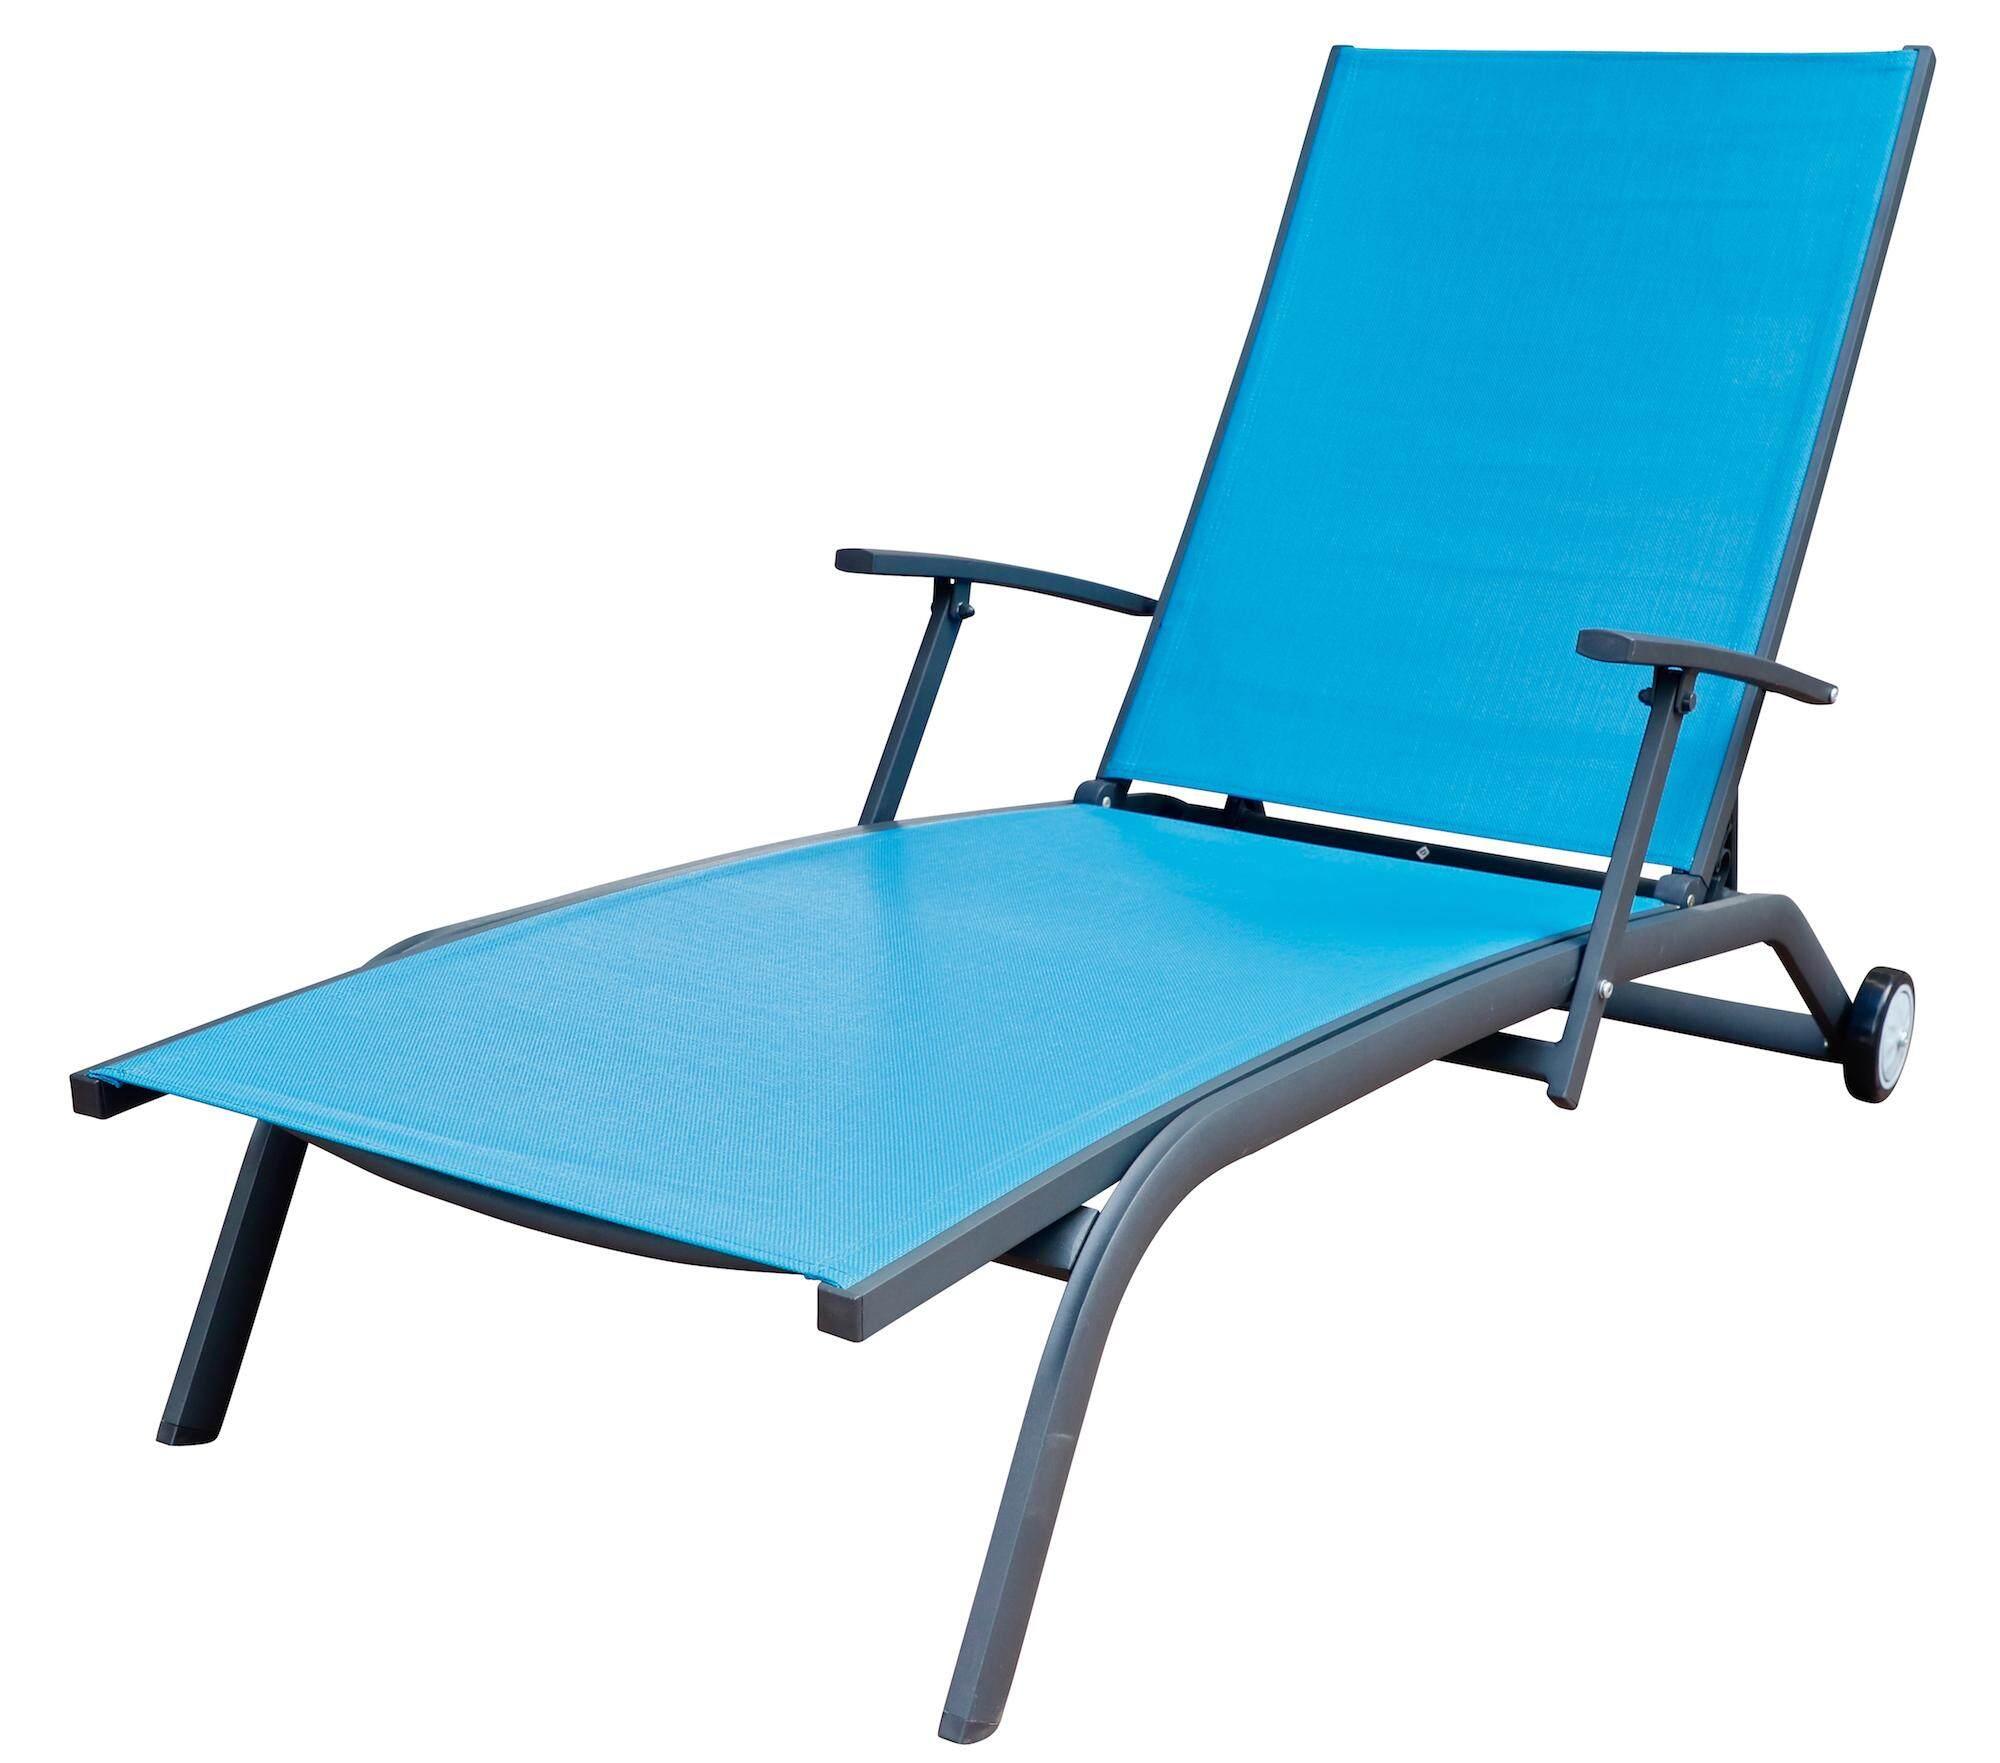 เตียงสระว่ายน้ำ - ล้อเลื่อนปรับนอนได้ สำหรับระเบียง (สีน้ำเงิน).